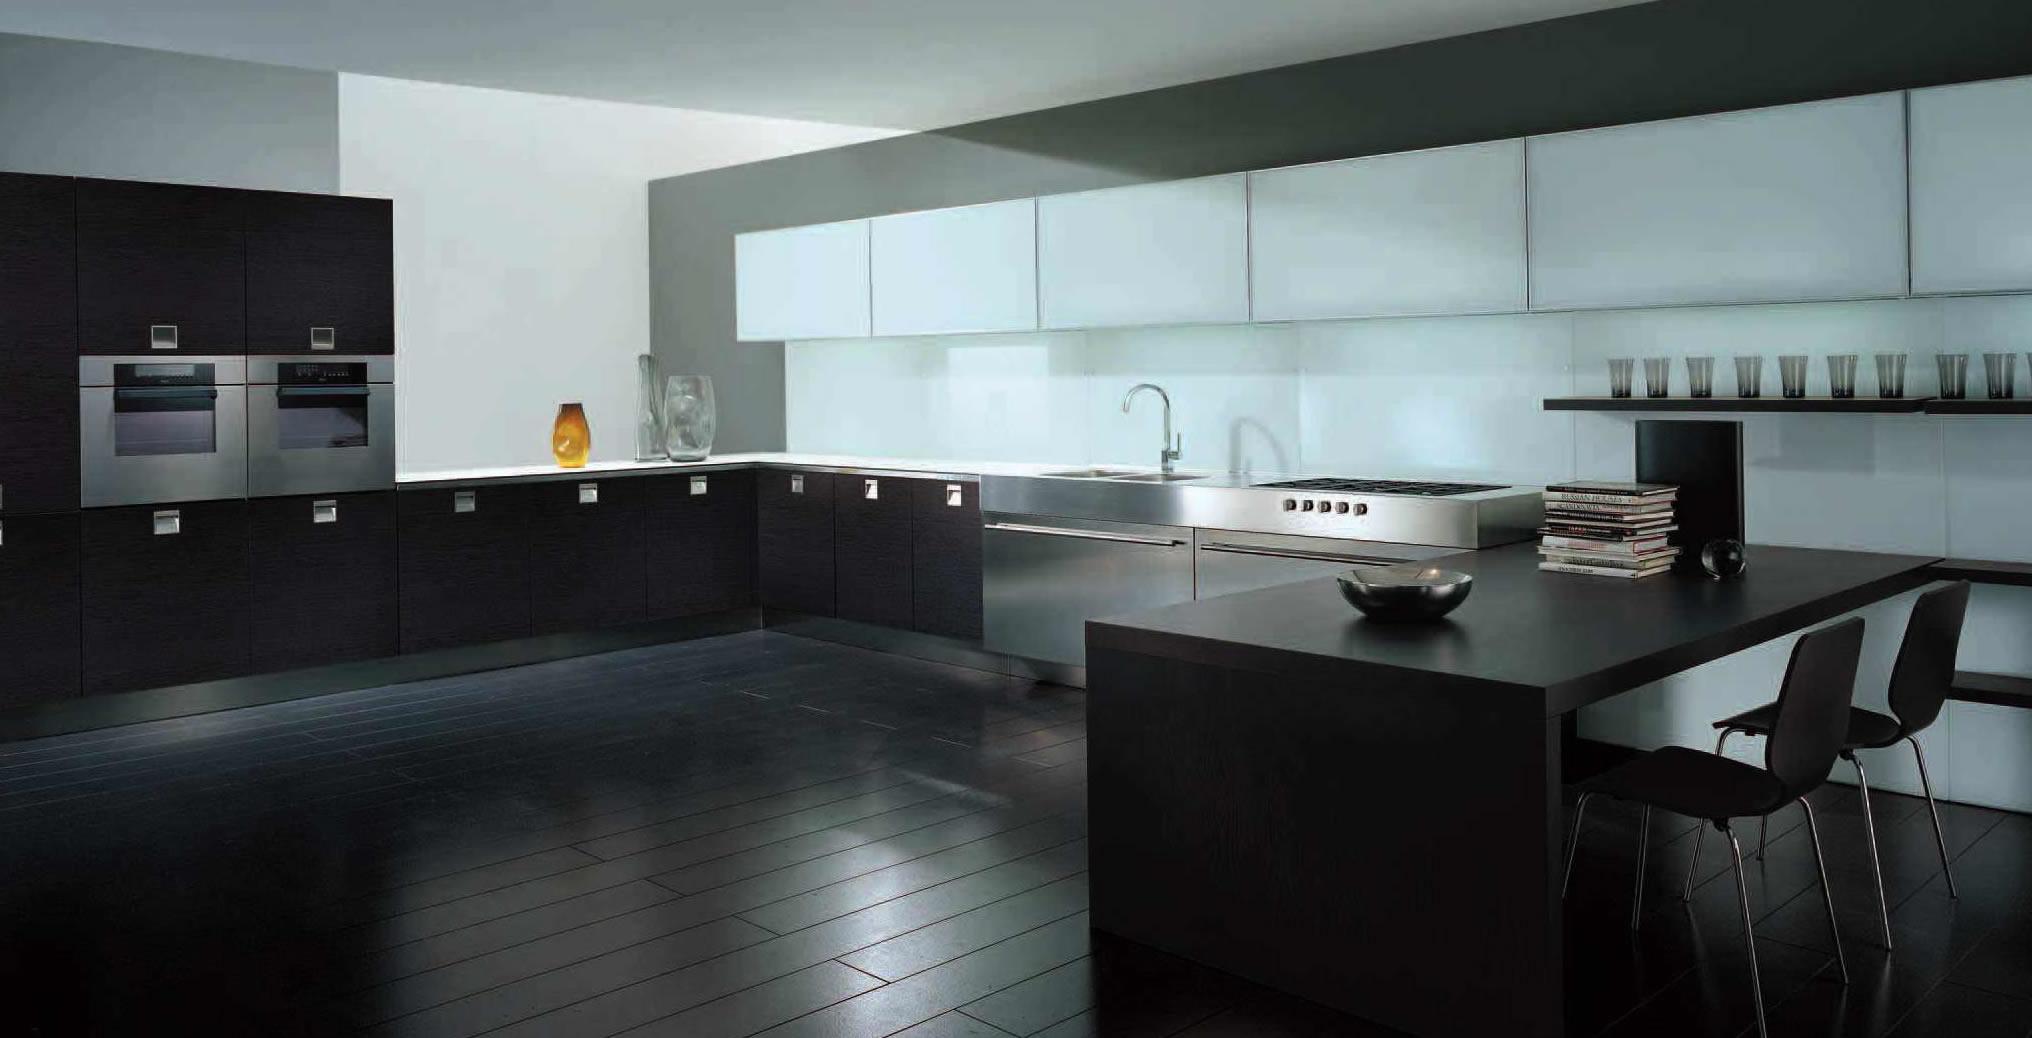 Einbauküchen ikea erfahrungen  Küchenmontagen erol Ludwigshafen